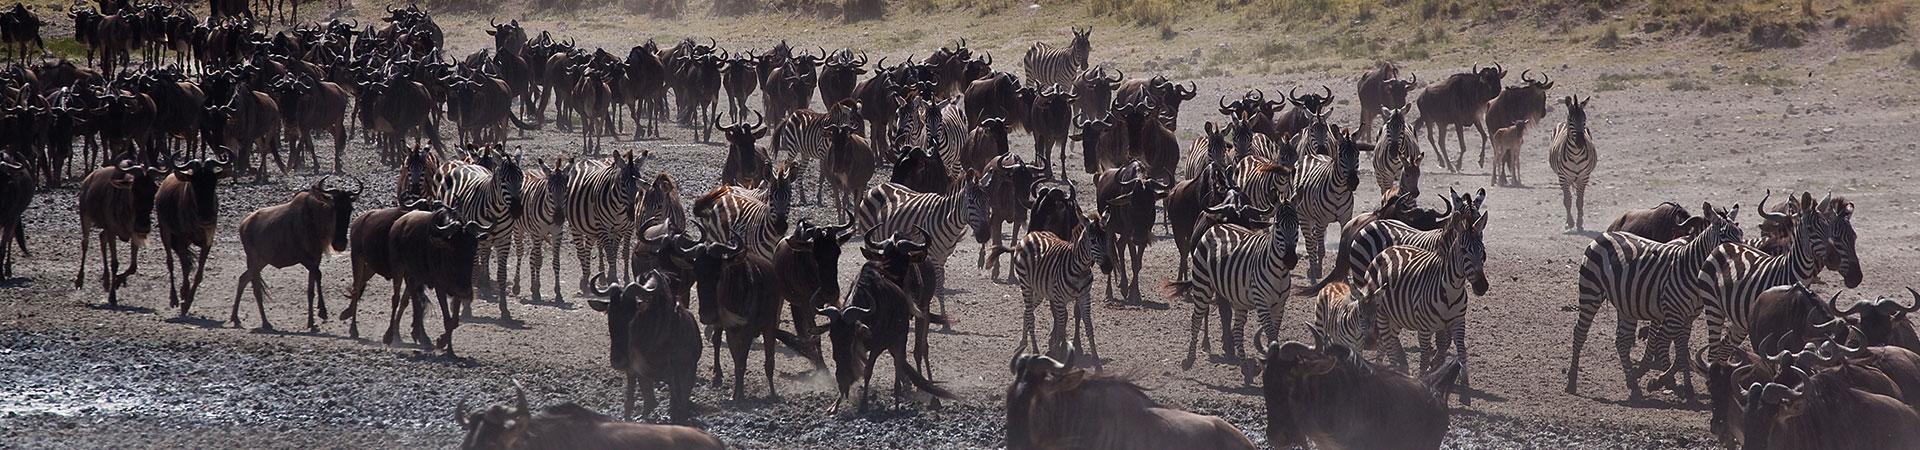 7-Days-wildebeests-Migration